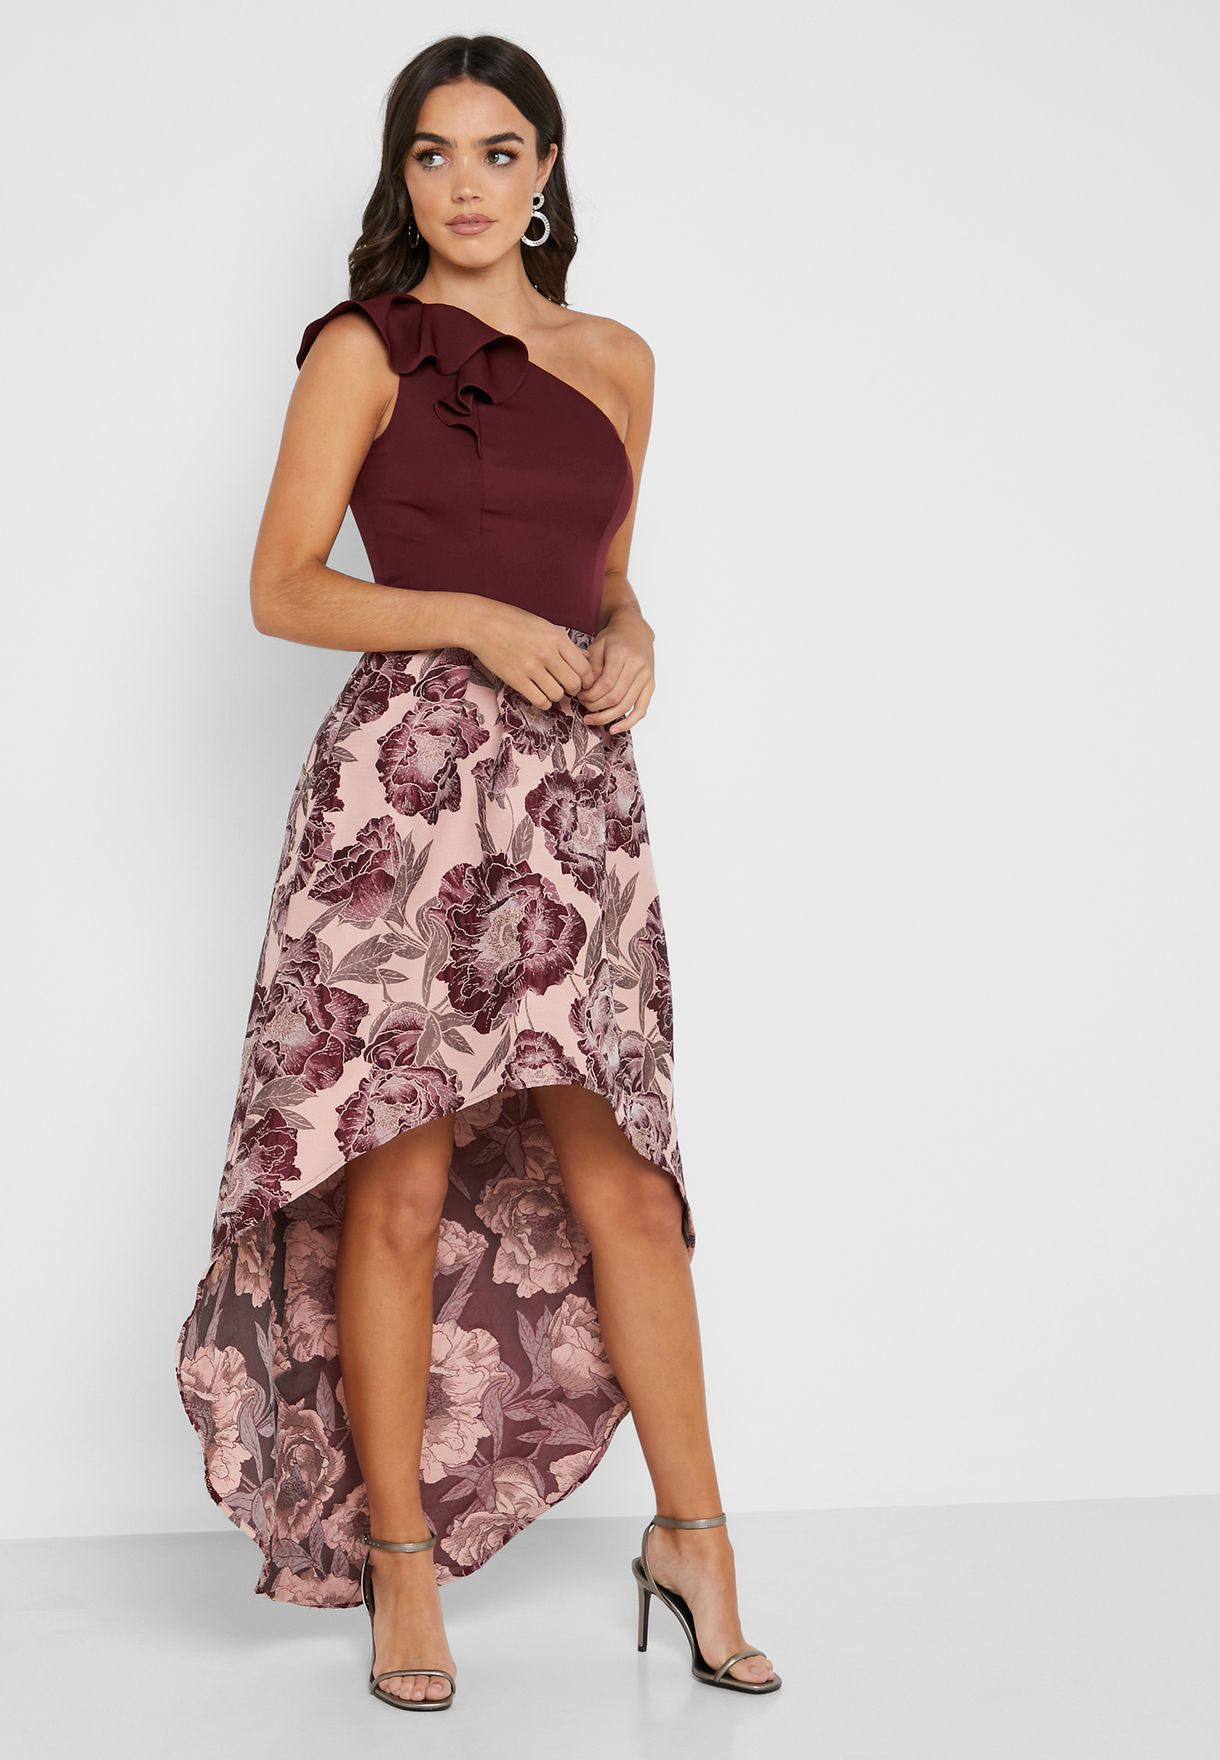 فستان بكتف واحد مزين بكشكش